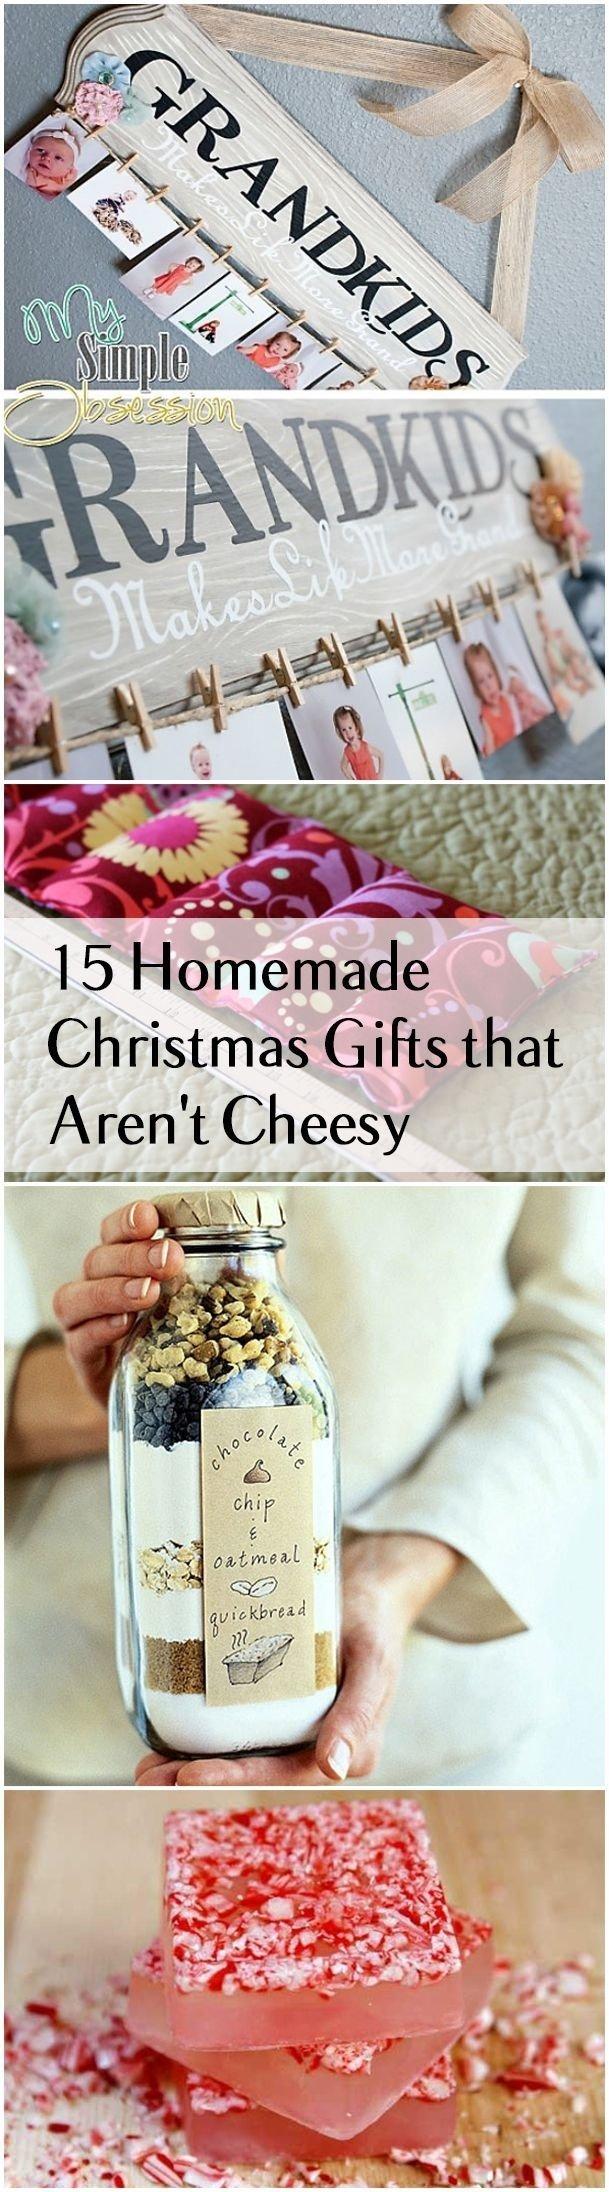 10 nice homemade christmas gift ideas for mom